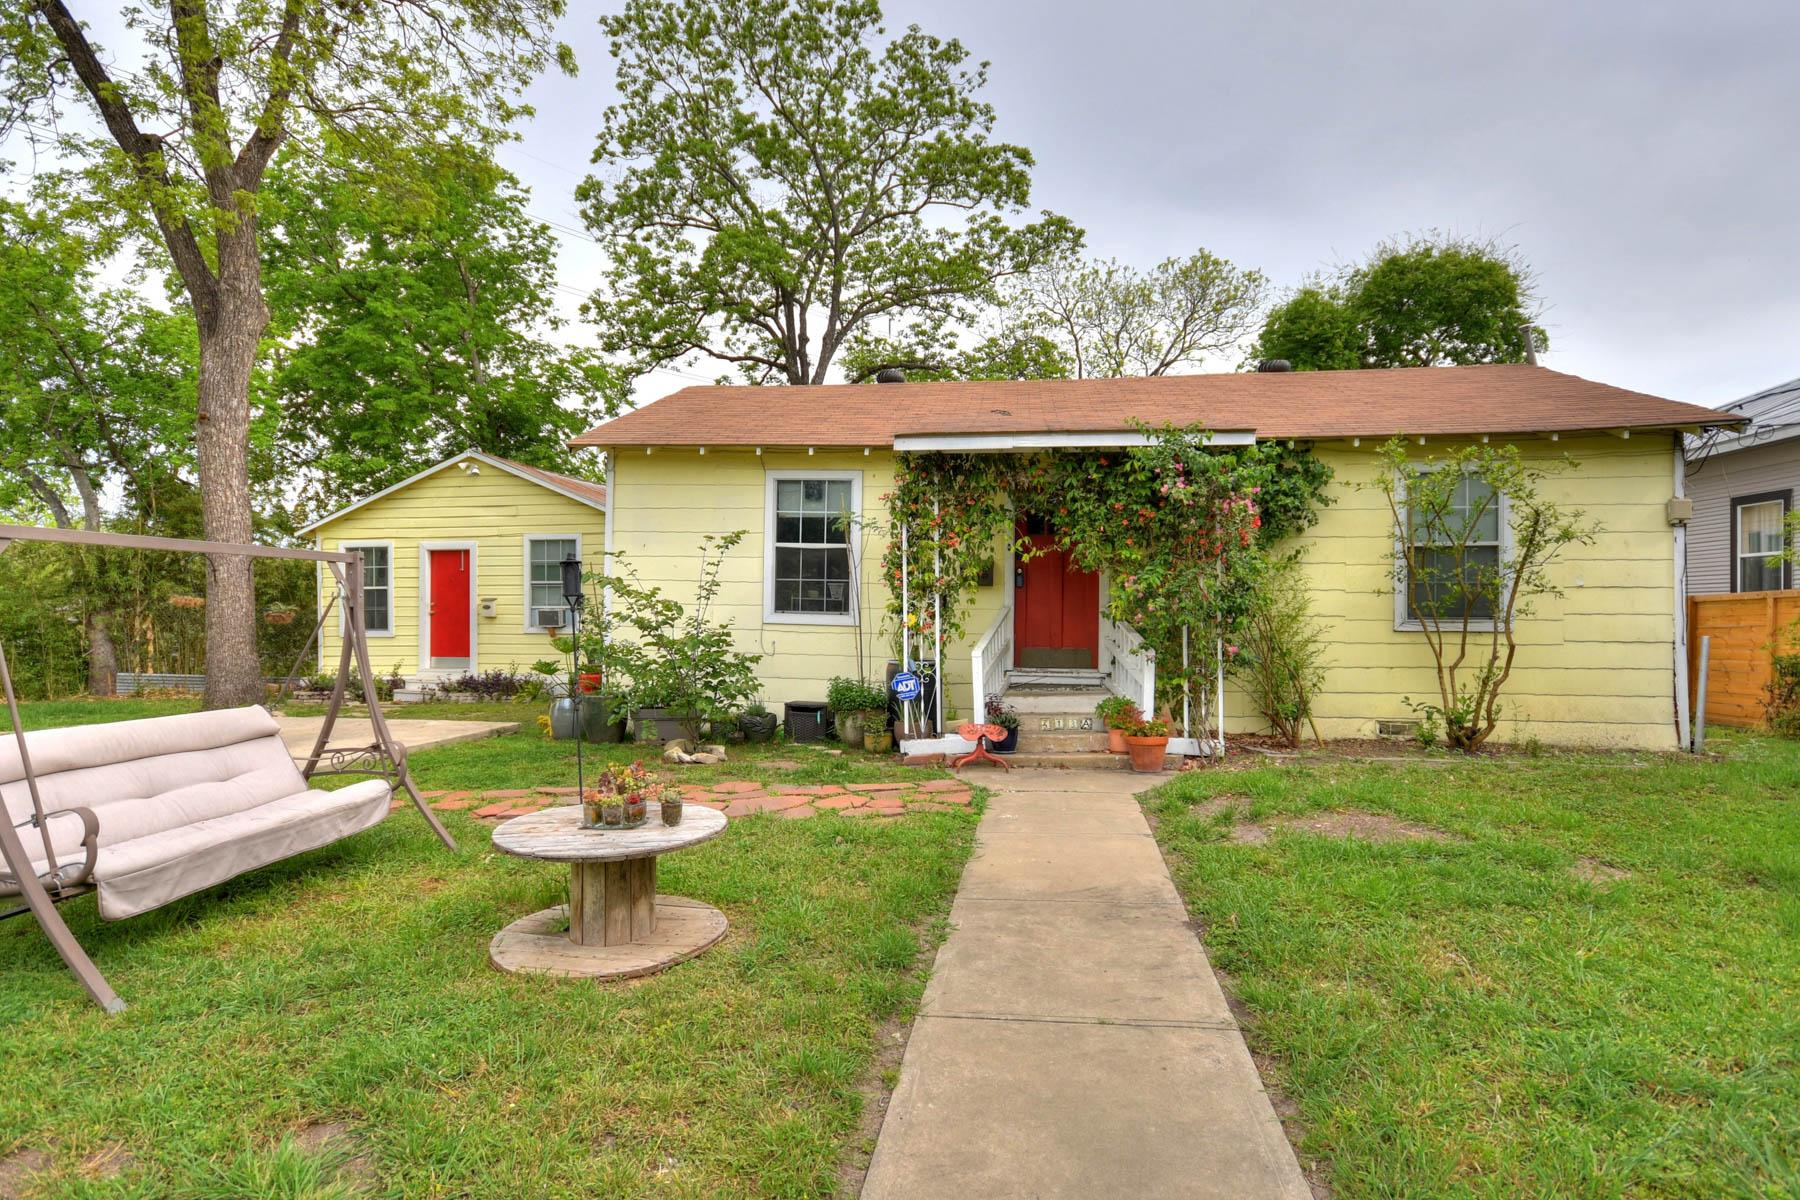 Vivienda unifamiliar por un Venta en Charming Alta Vista Home With Separate Casita 513 W Rosewood Ave Alta Vista, San Antonio, Texas, 78212 Estados Unidos